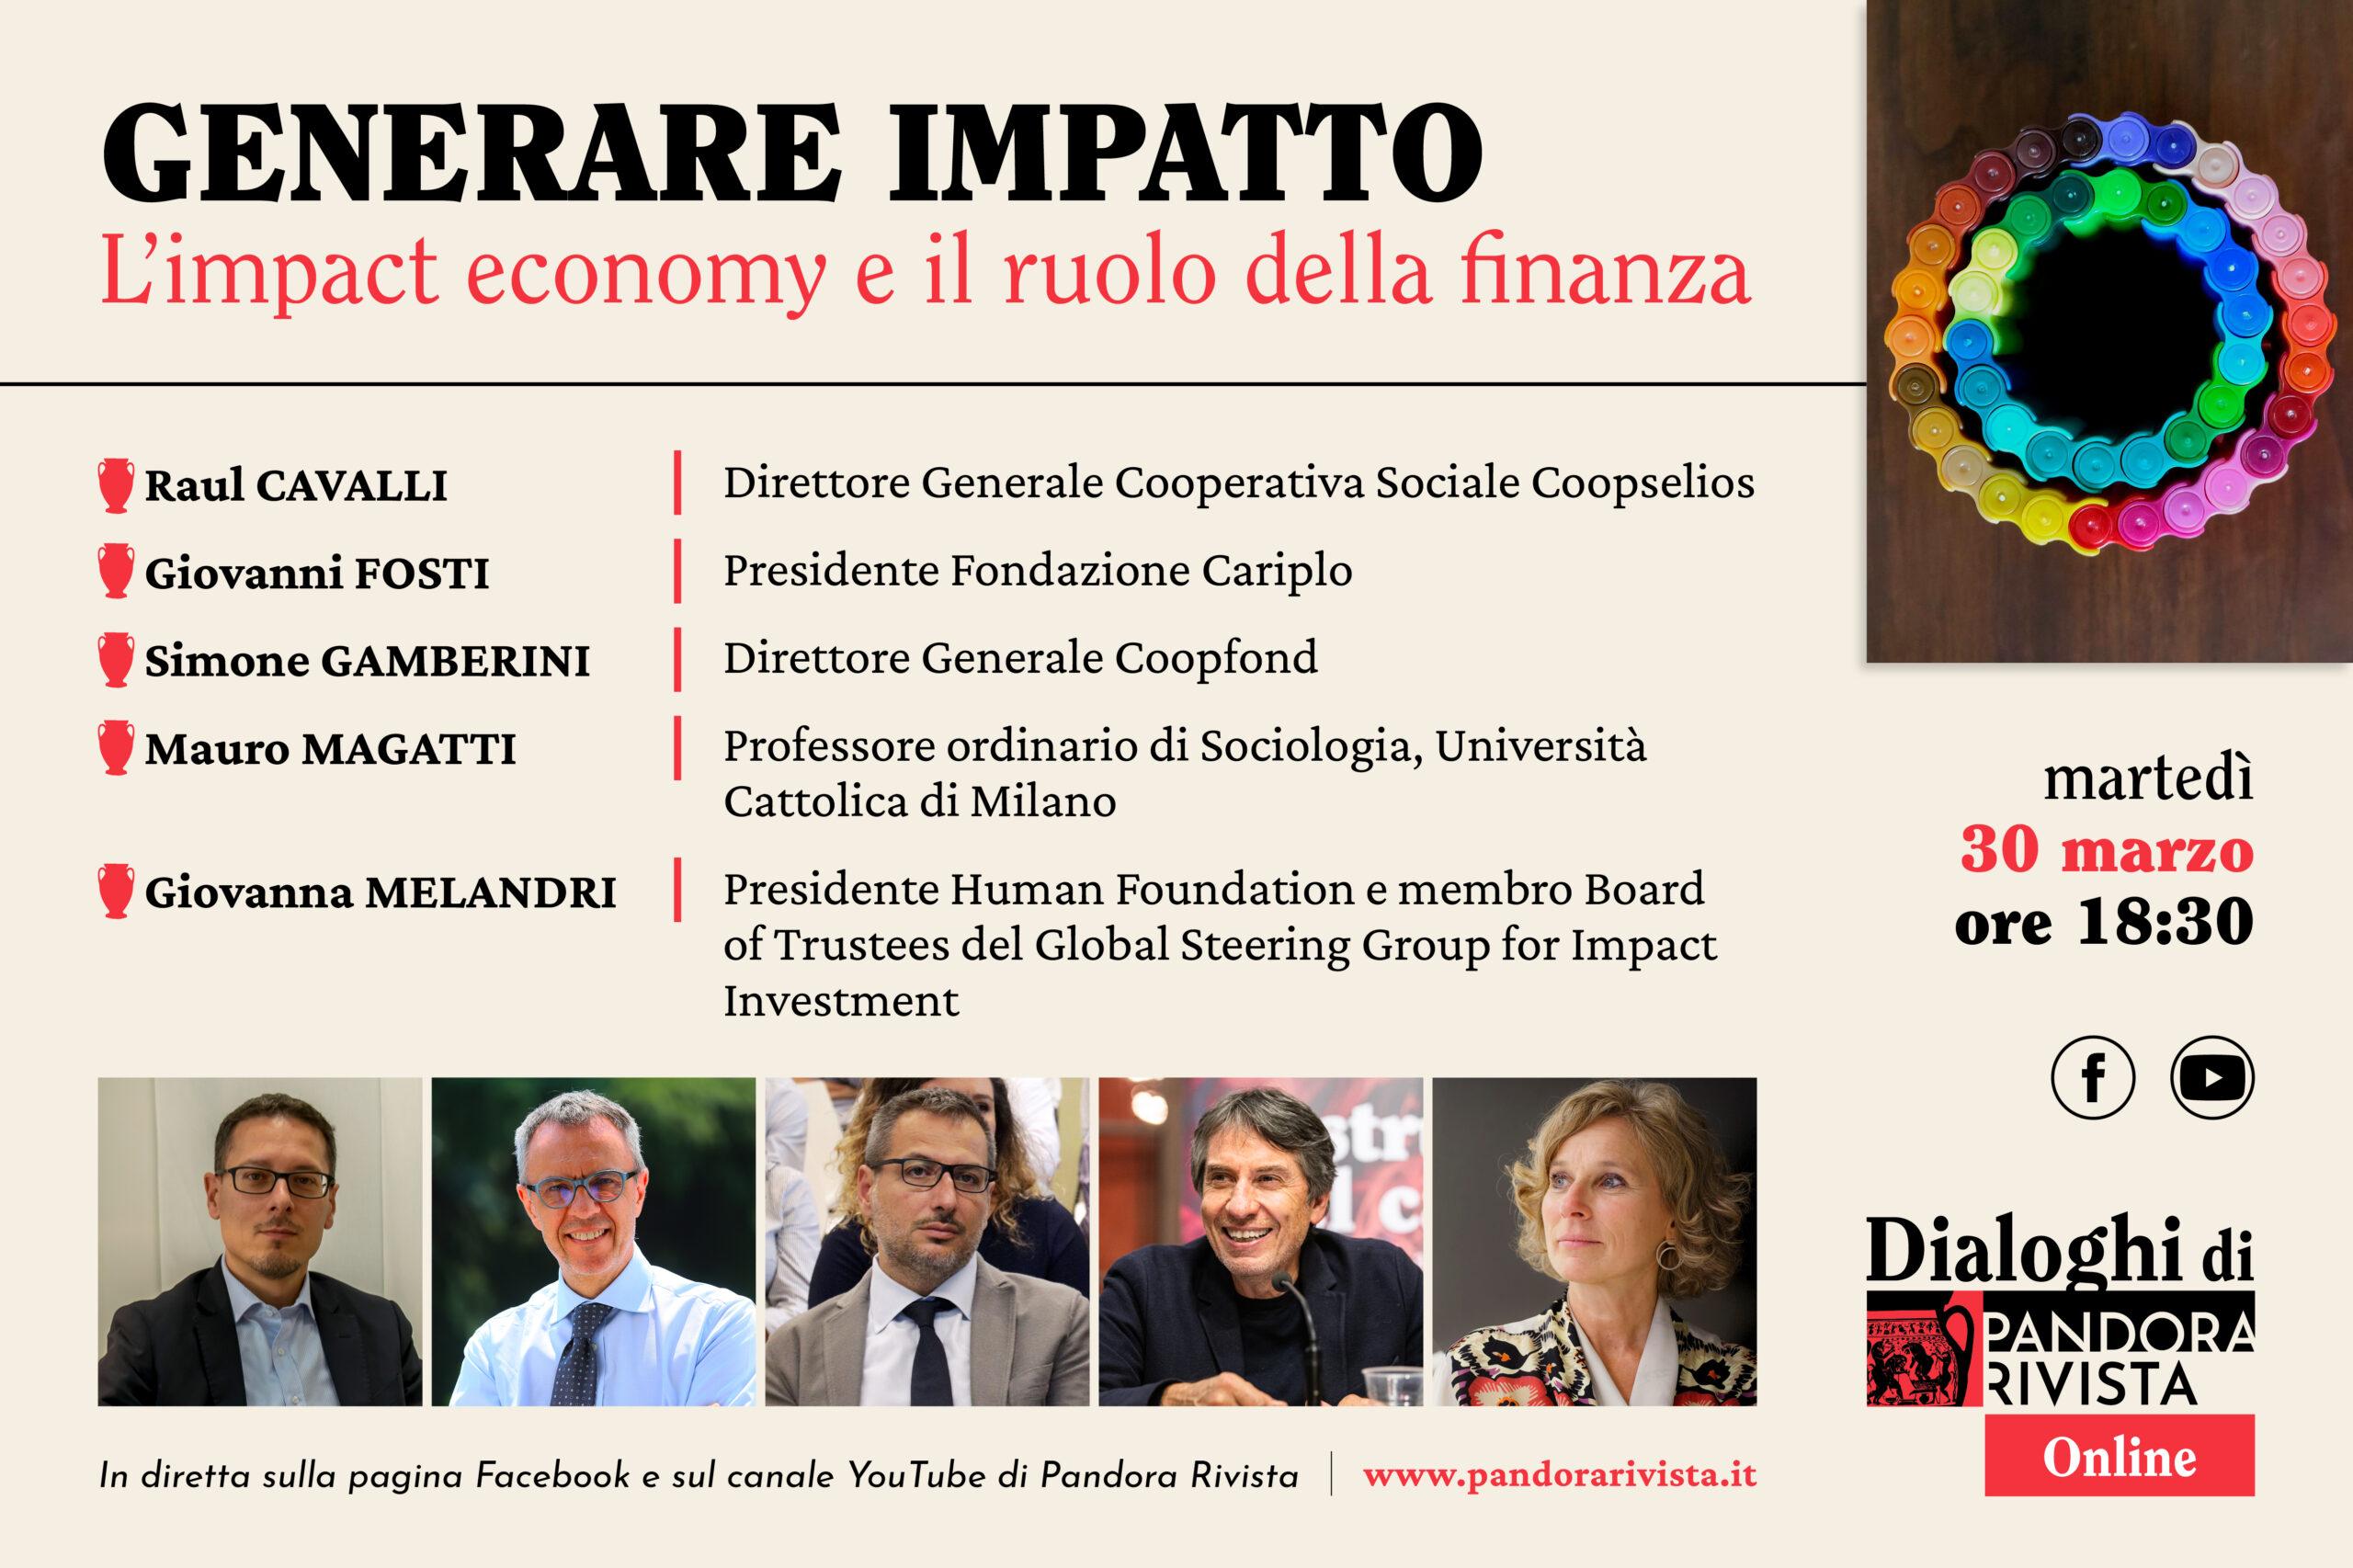 Impact economy